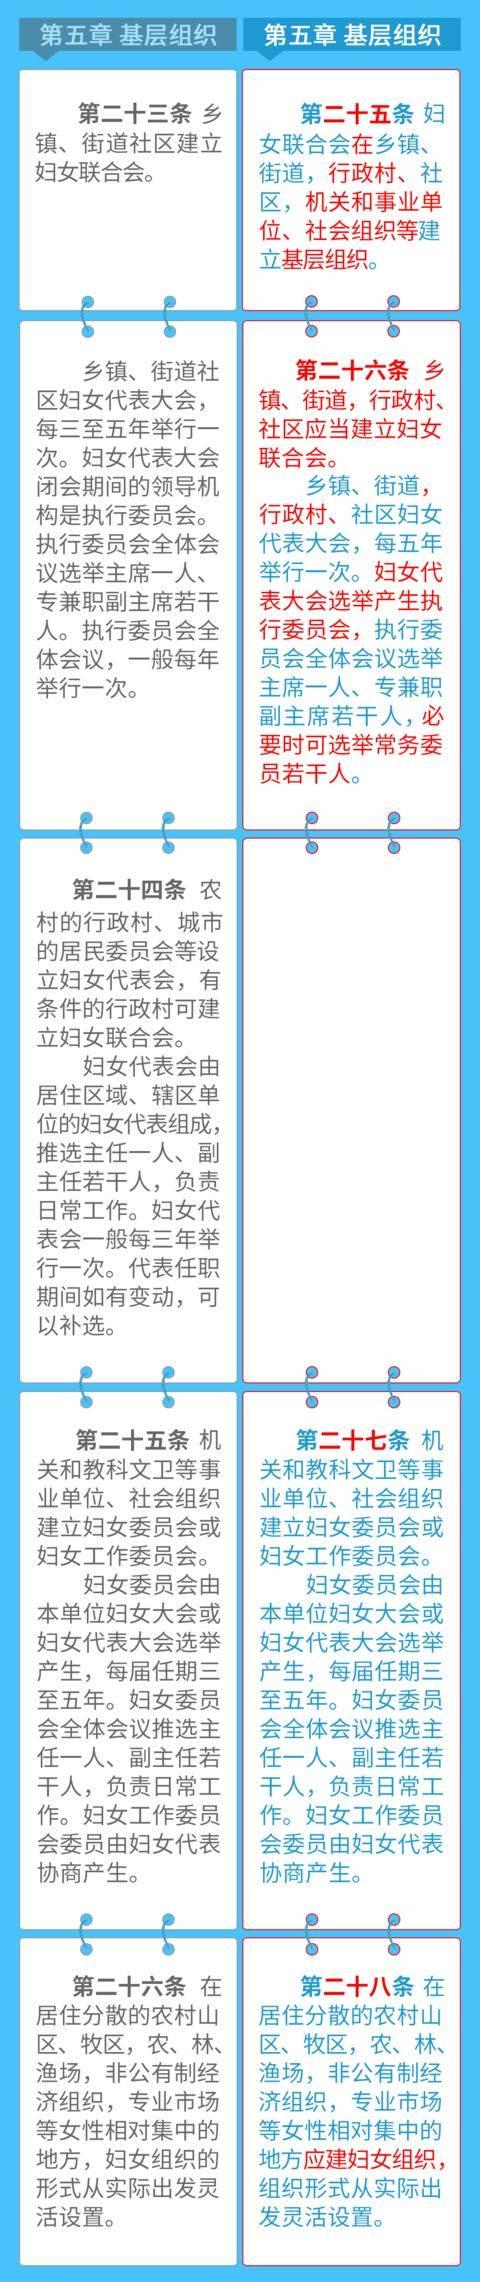 图解中国妇女十二大报告!一图读懂《中华全国妇女联合